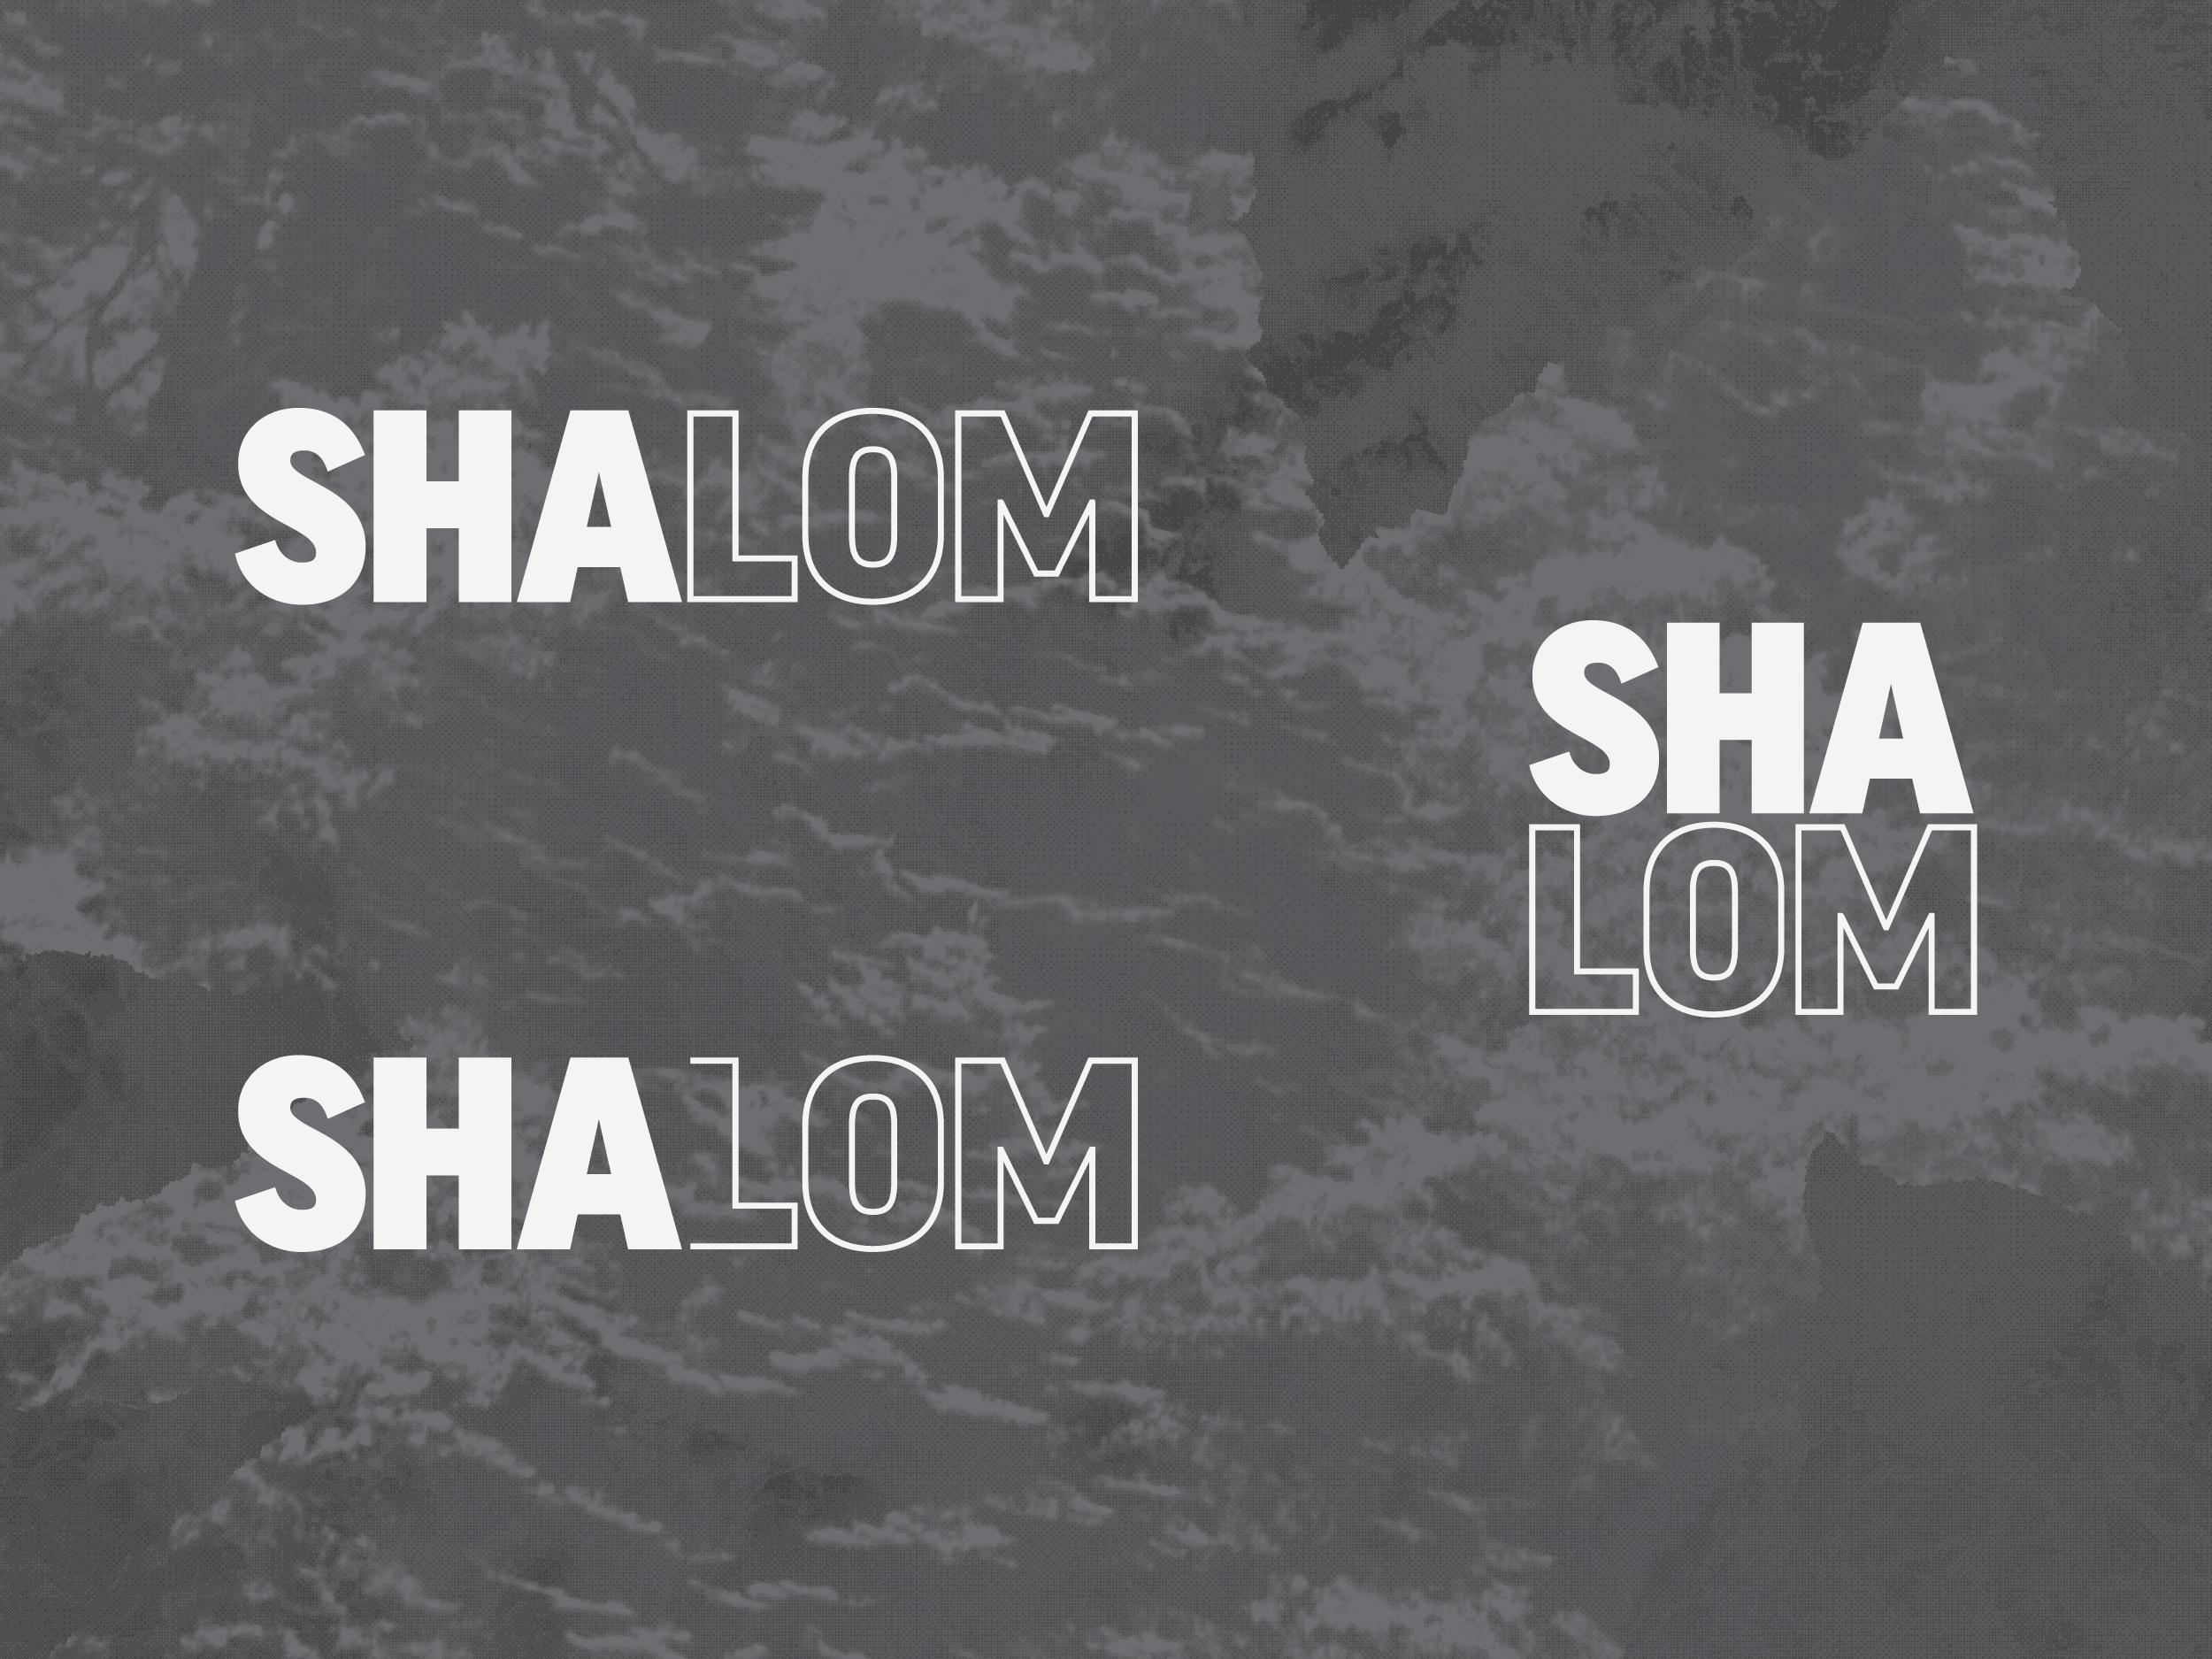 Shalom-Logo-Options.jpg